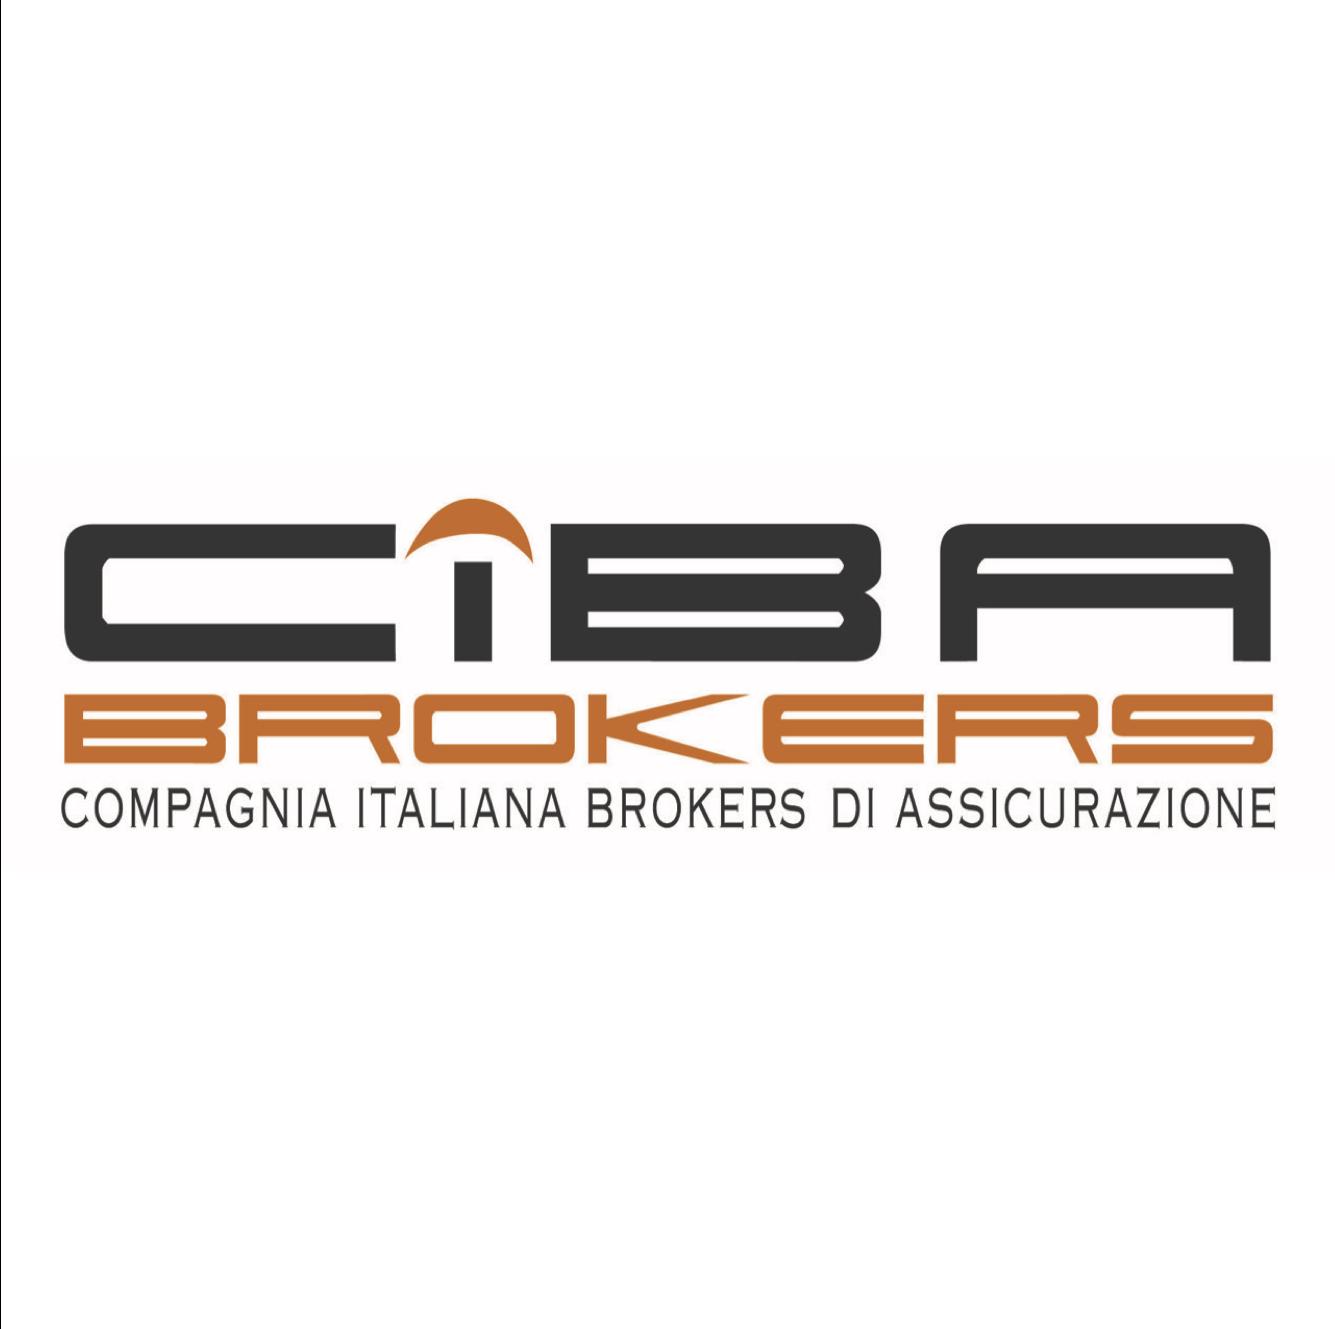 Ciba Broker-logo quadrato